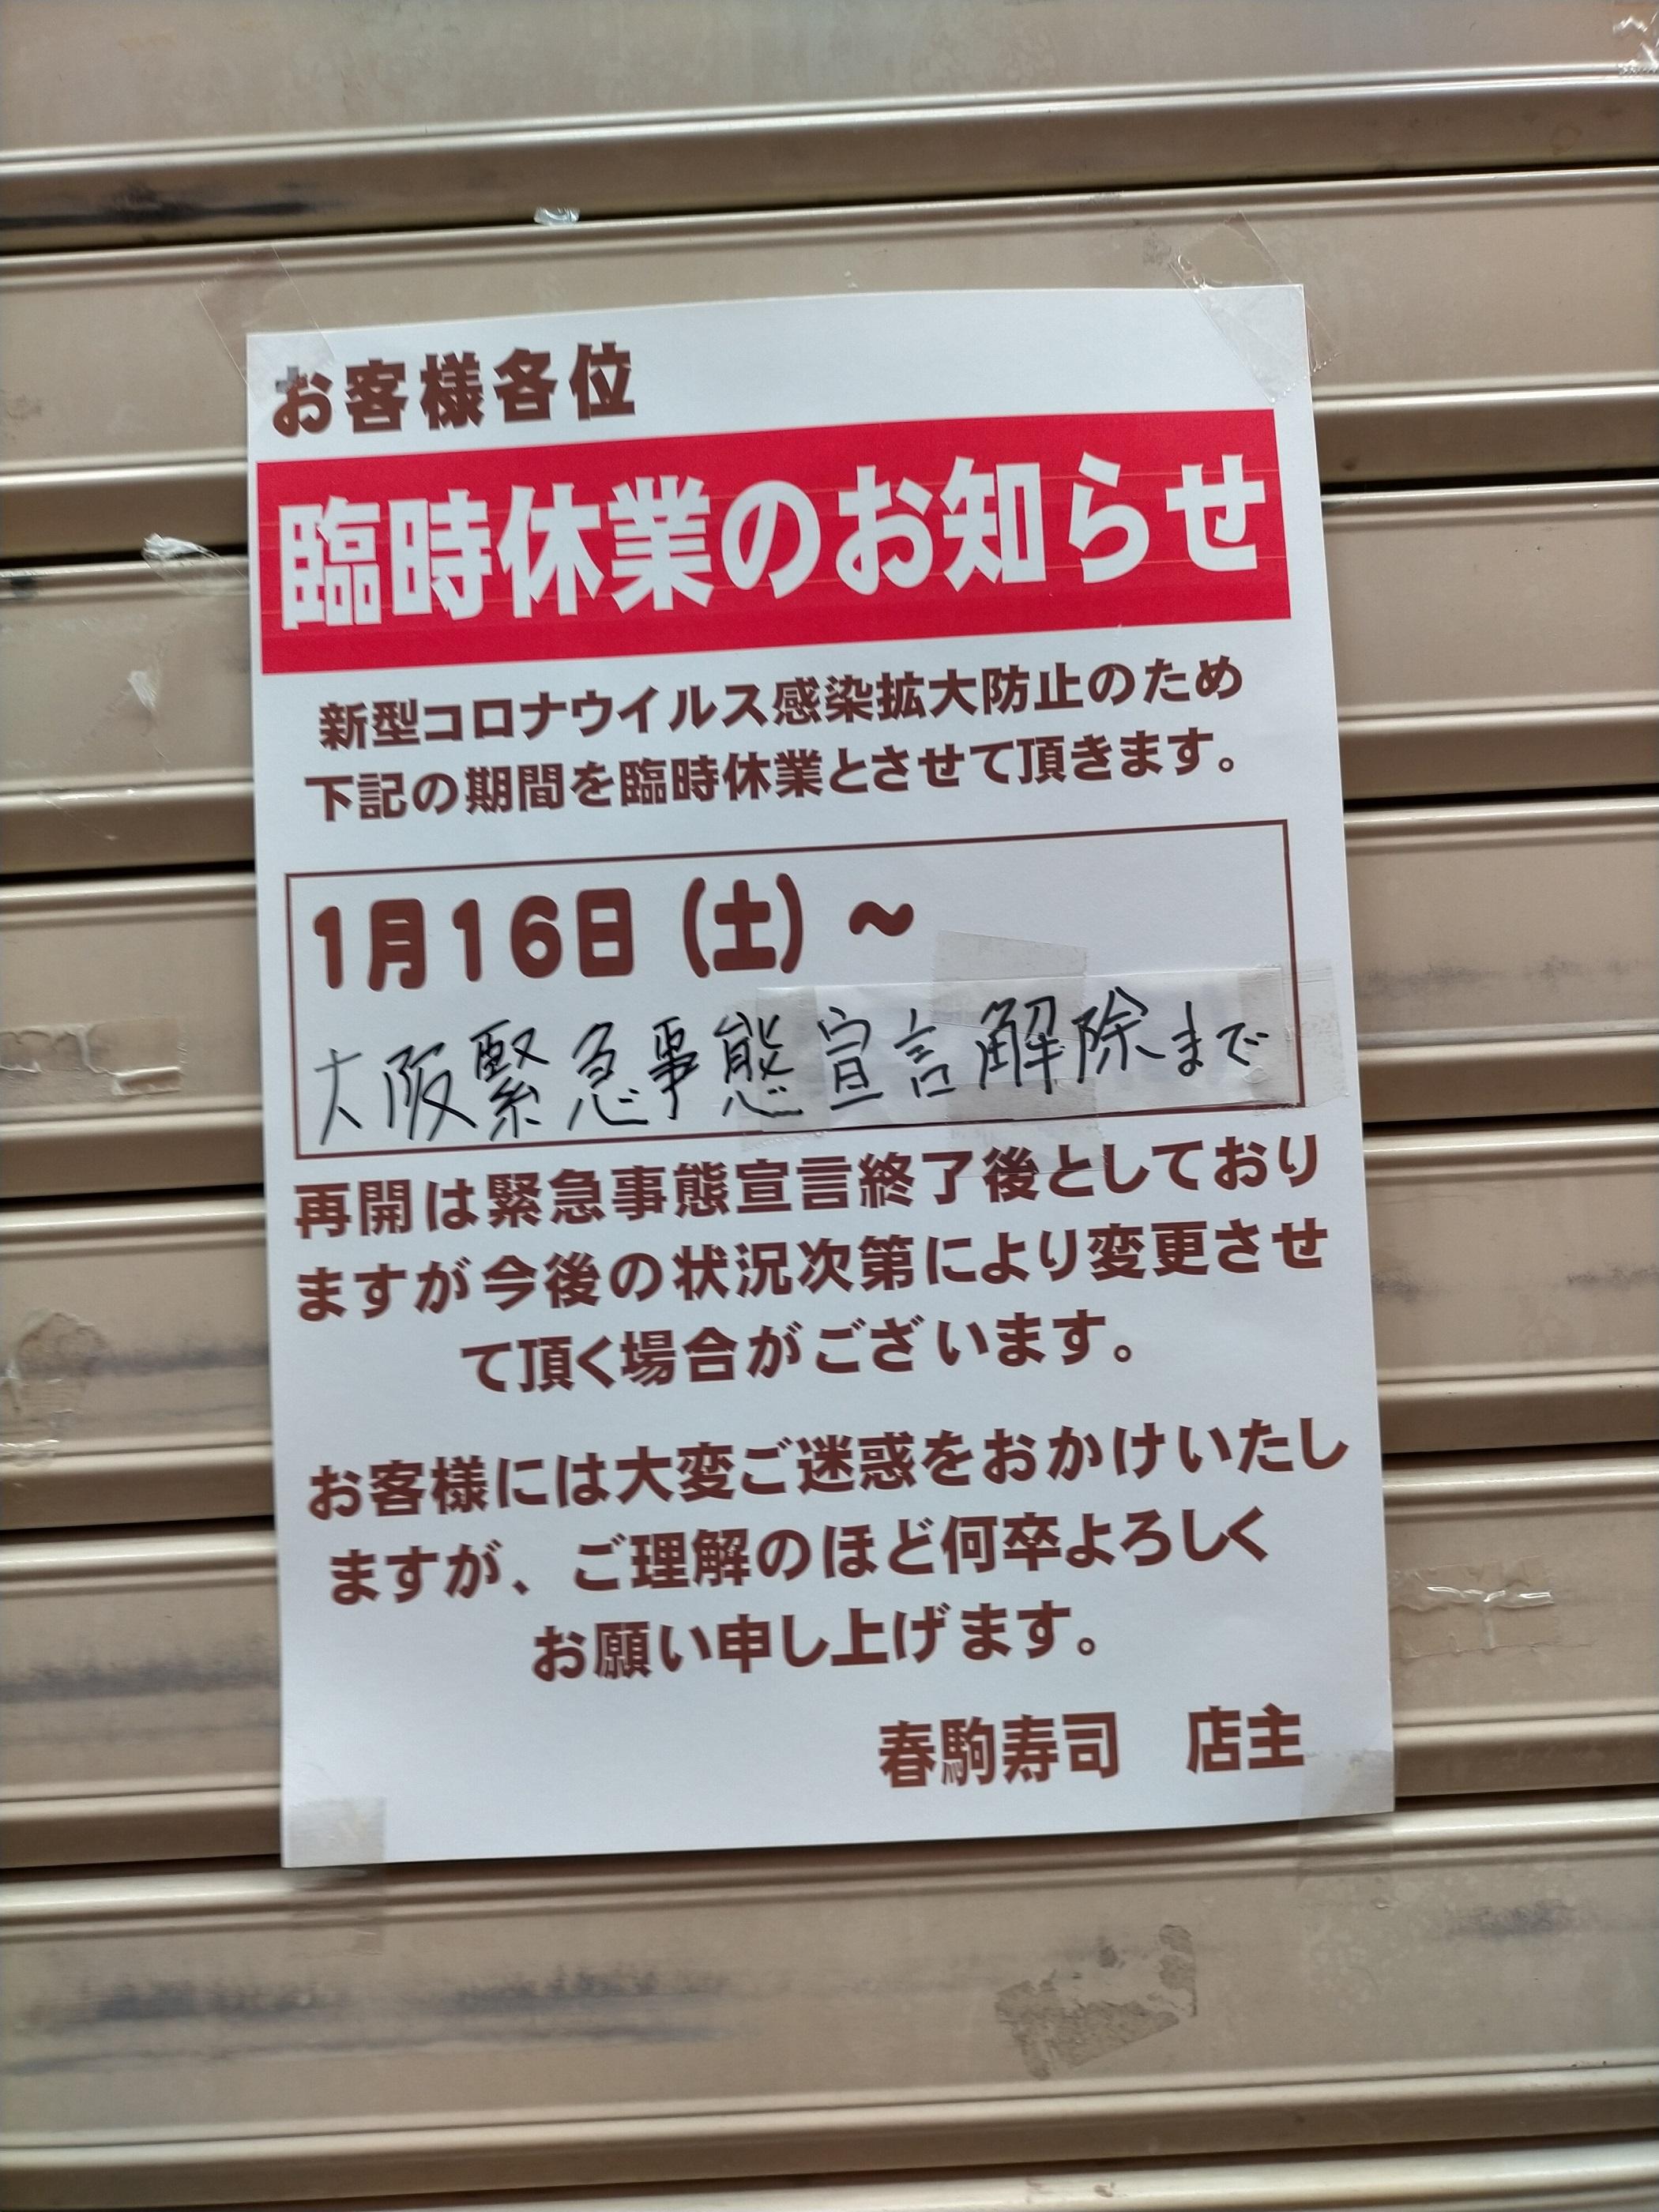 harukoma_osaka_tenma_2021_02_2.jpg